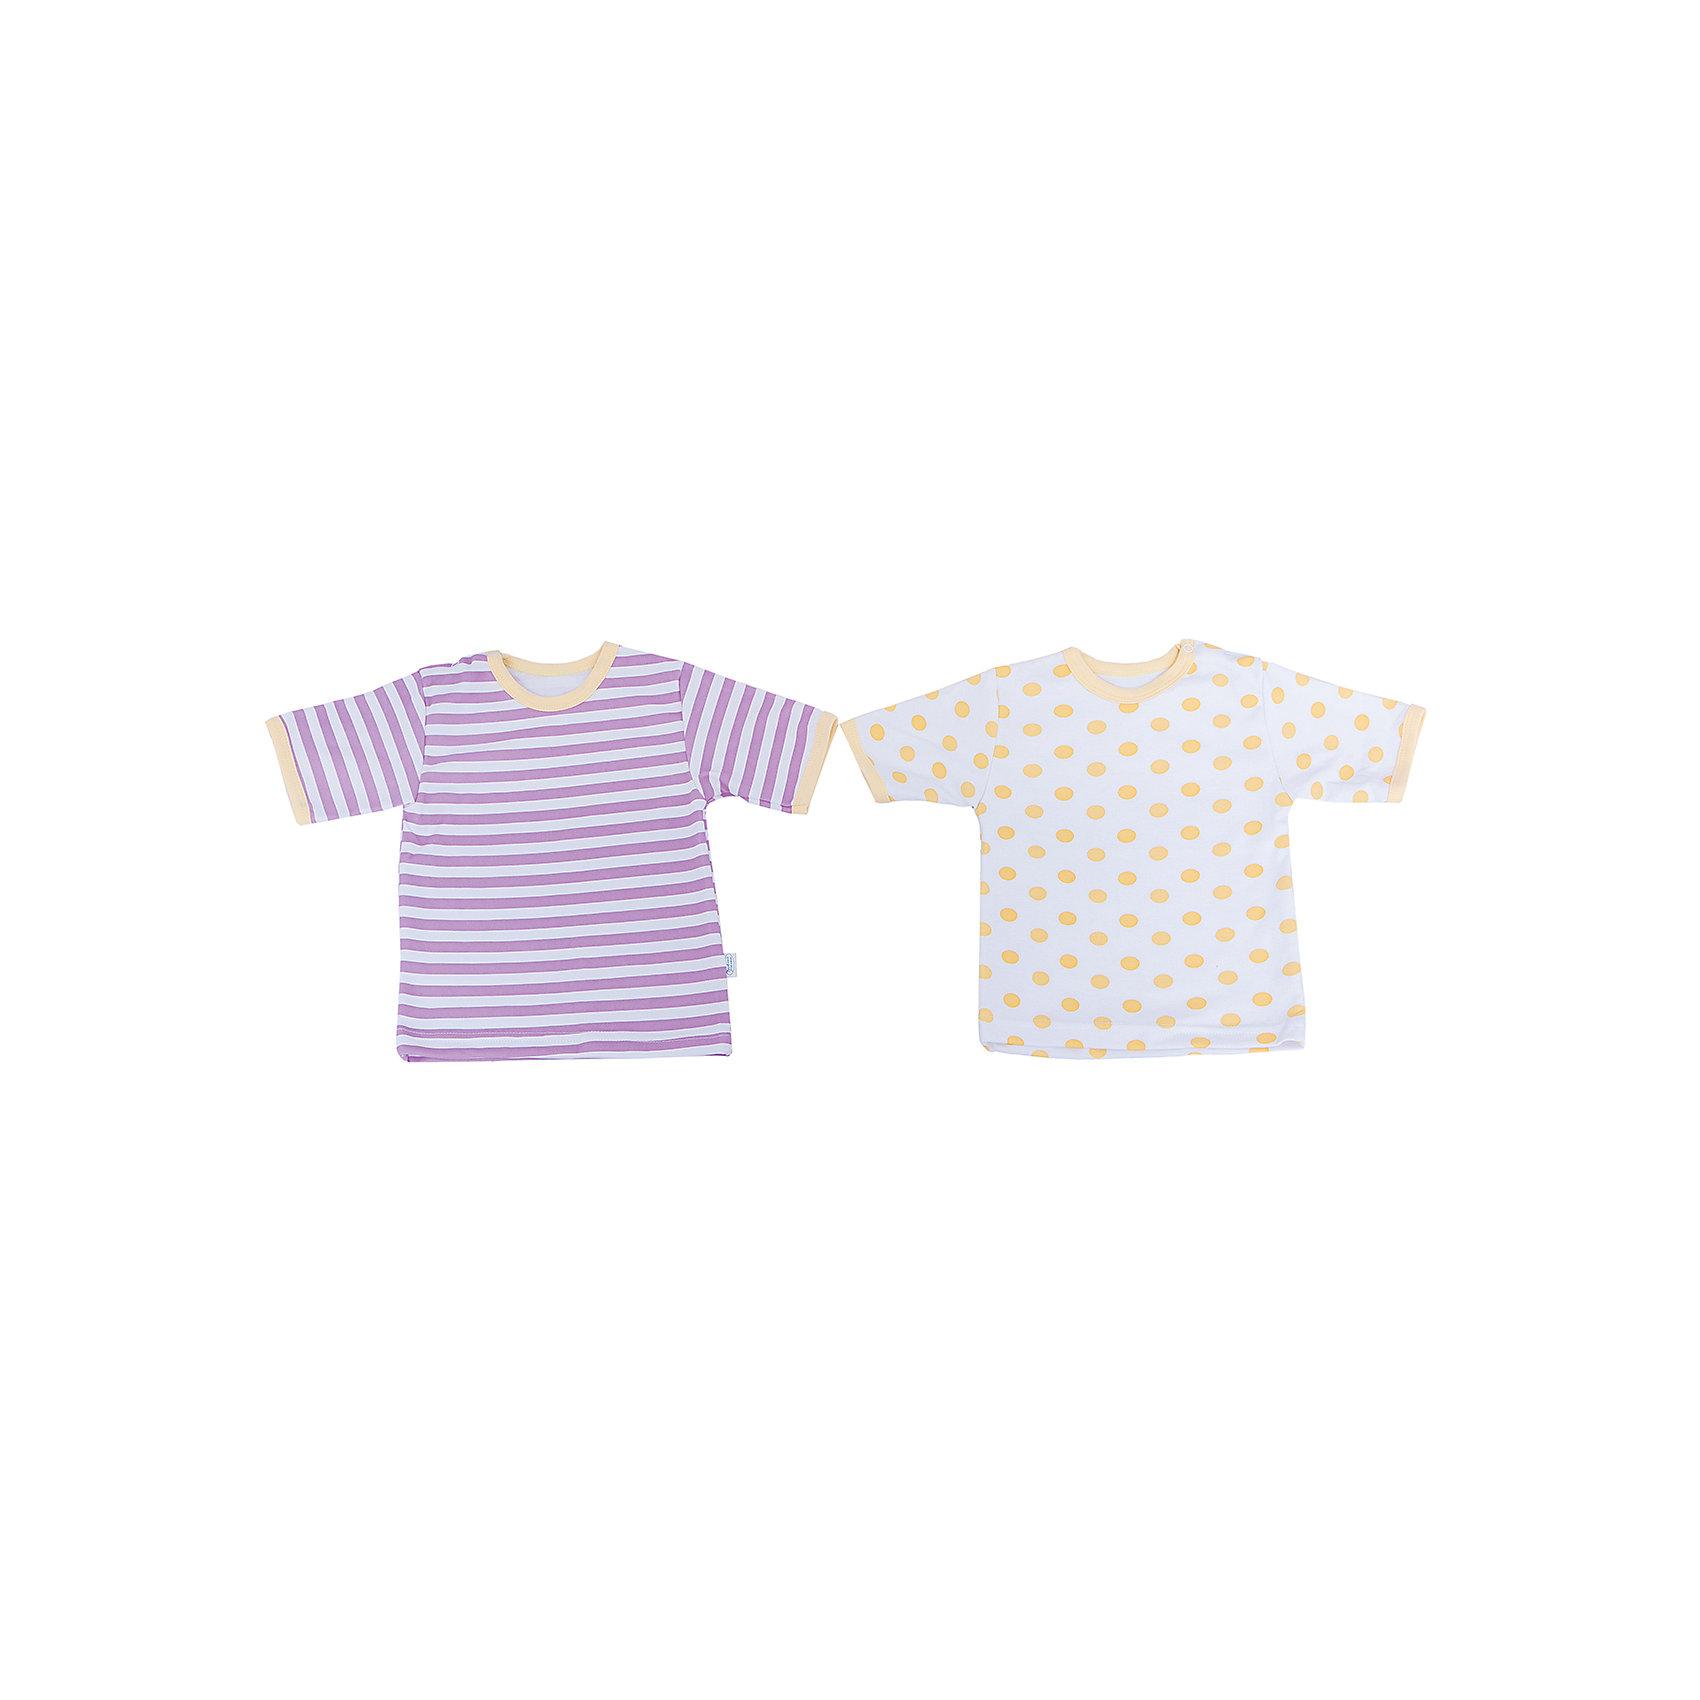 Футболка для девочки, 2 шт. Веселый малышФутболки, топы<br>Одежда для малышей должна быть удобной и качественной - это один из необходимых факторов для правильного развития и хорошего самочувствия ребенка.<br>Эти футболки отличаются высоким качеством швов, окантовкой краёв, что позволяет им хорошо фиксироваться на теле малыша, не сползать и не натирать. Застежки - удобные кнопки, которые не мешают ребенку. Материал - интерлок. Это плотная ткань из натурального хлопка, гладкая, приятная на ощупь, дышащая и гипоаллергенная. Расцветка изделий позволяет легко комбинировать их с различной одеждой. В наборе - две футболки разных цветов.<br><br>Дополнительная информация:<br><br>материал: 100% хлопок интерлок;<br>застежки: кнопки;<br>короткий рукав;<br>комплектация: 2 футболки.<br><br>Комплект футболок от бренда Веселый малыш можно купить в нашем магазине.<br><br>Ширина мм: 157<br>Глубина мм: 13<br>Высота мм: 119<br>Вес г: 200<br>Цвет: желтый<br>Возраст от месяцев: 3<br>Возраст до месяцев: 6<br>Пол: Женский<br>Возраст: Детский<br>Размер: 68,86,80,74<br>SKU: 4811010